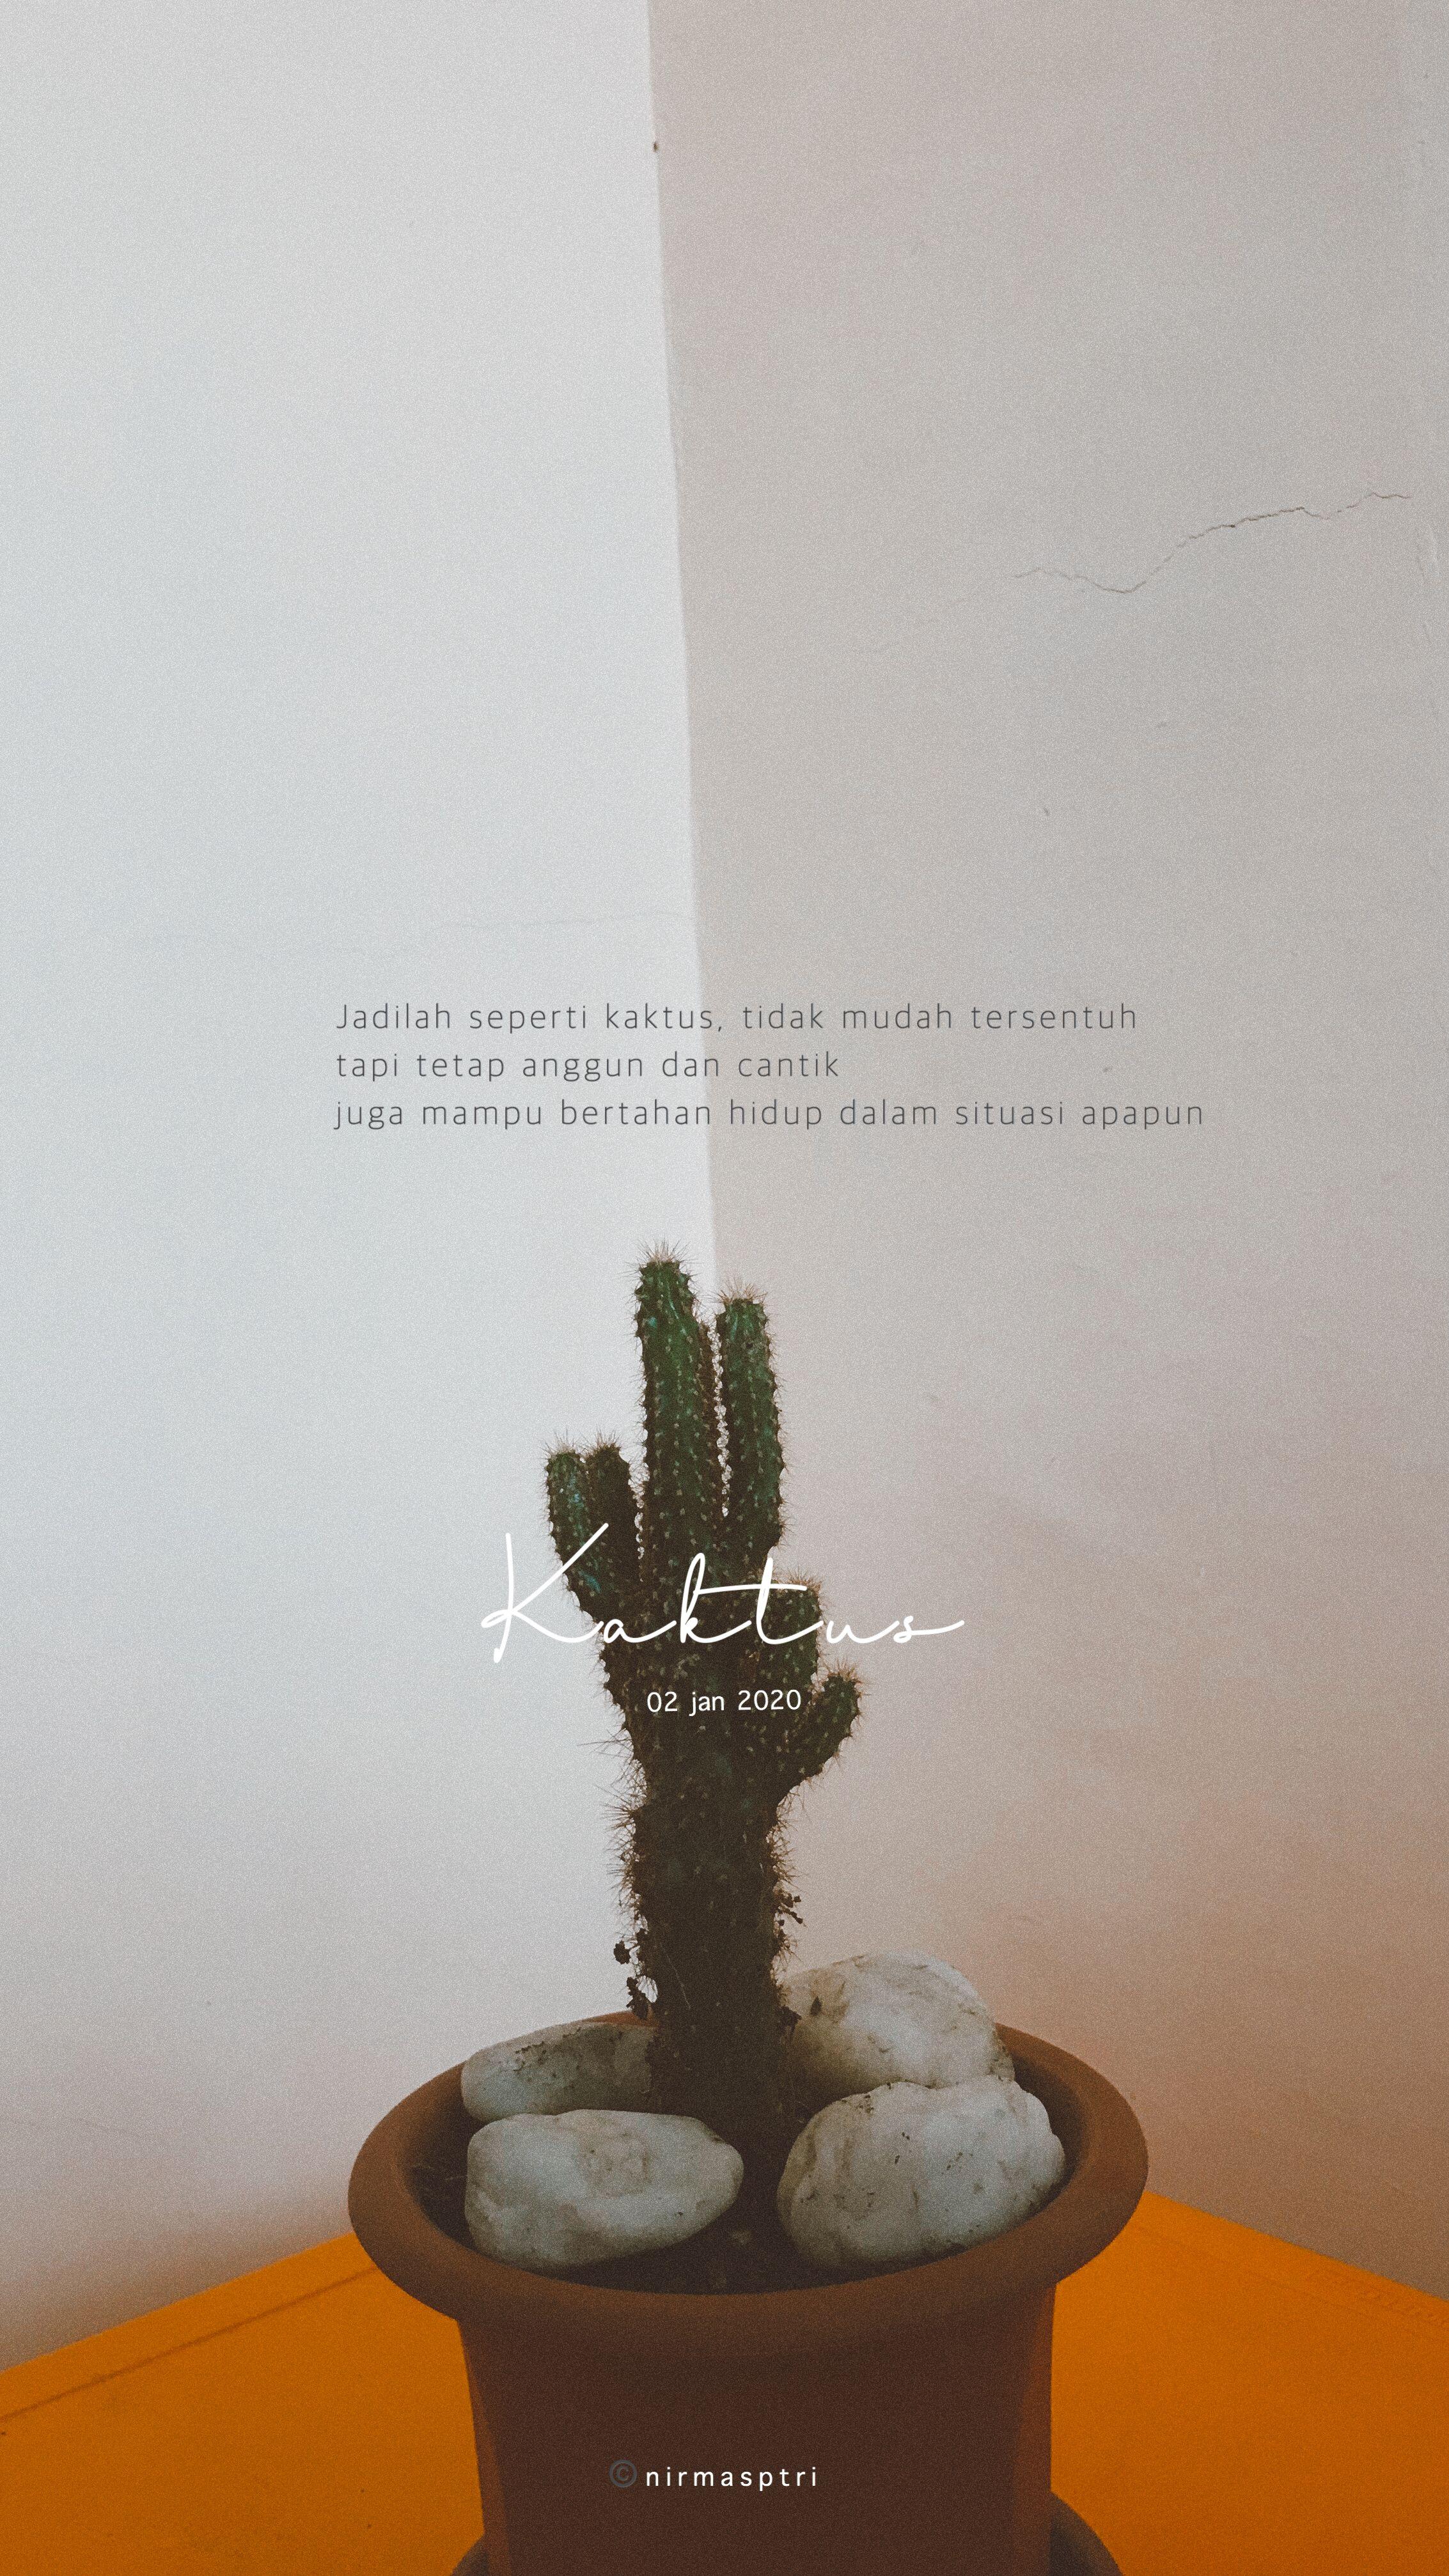 Pin oleh Nirmasptri di Instagram stories di 2020